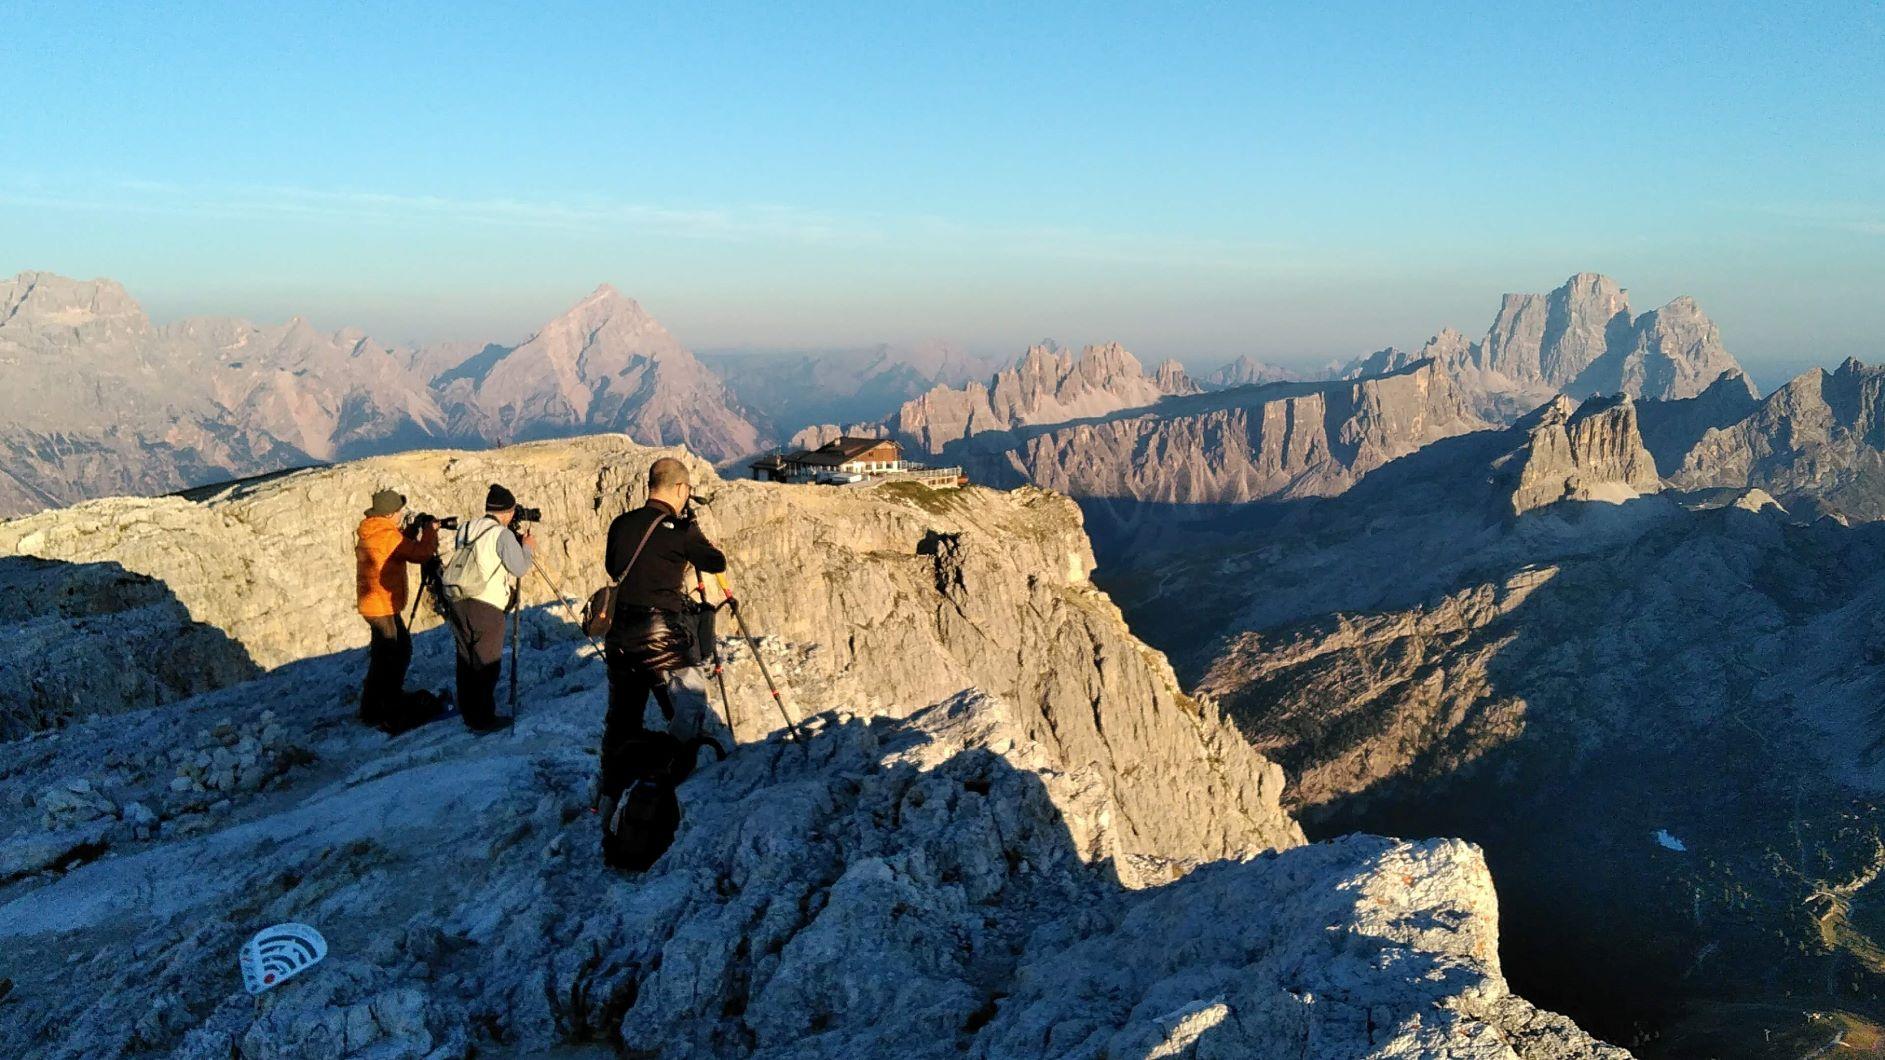 ラガツォイ小屋は崖上に位置するため抜群の展望を誇る(2日目)